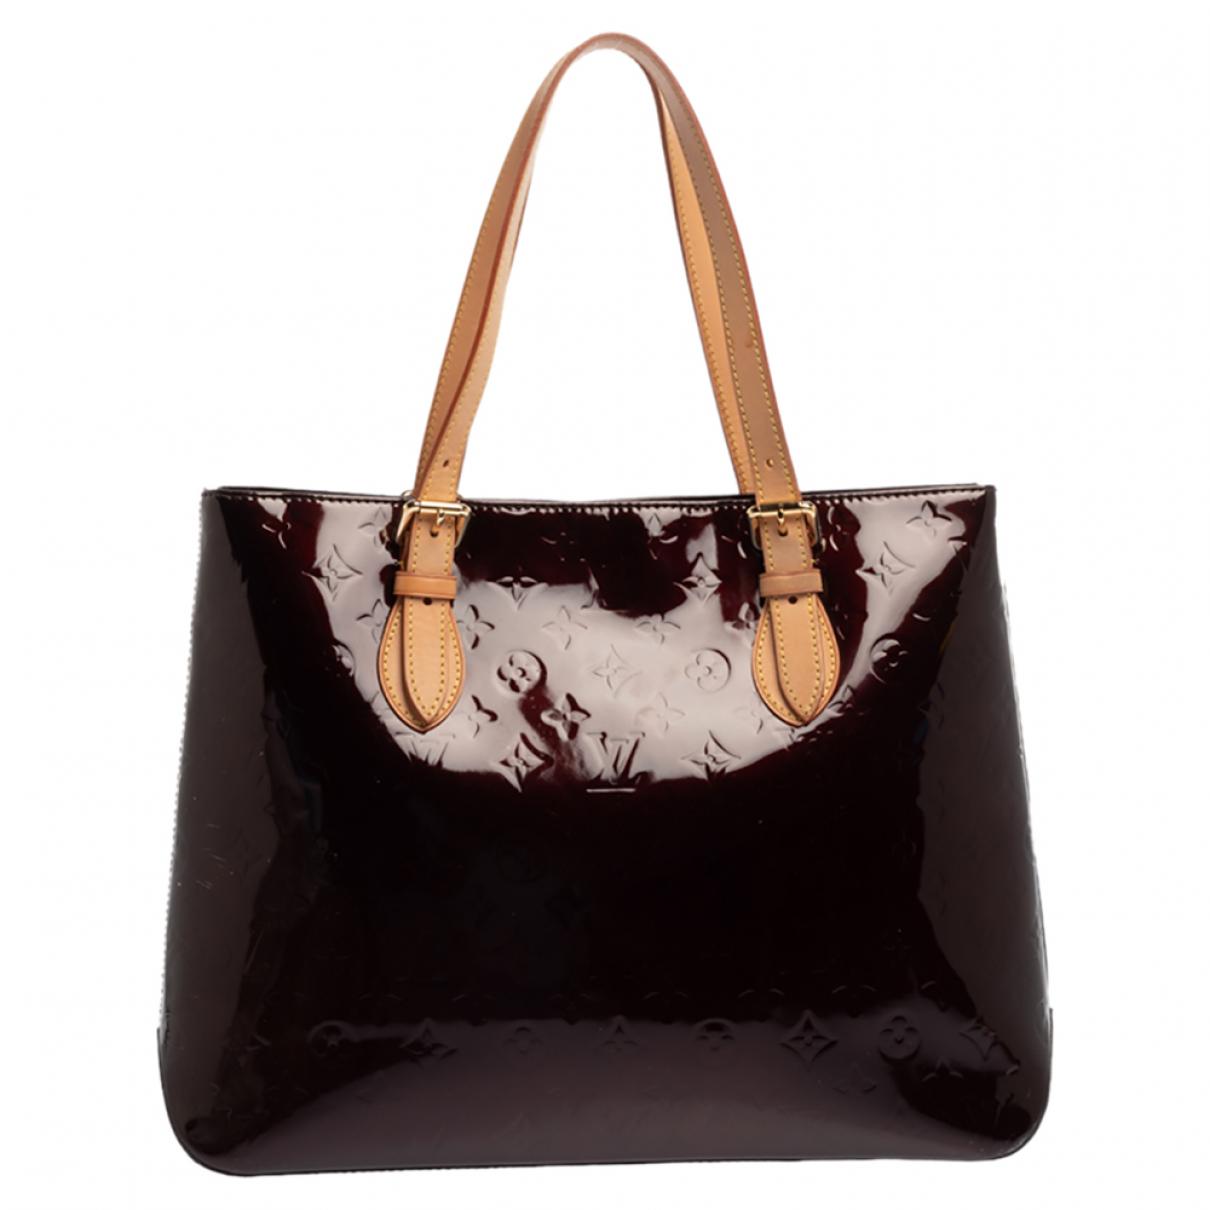 Louis Vuitton - Sac a main Brentwood pour femme en cuir verni - bordeaux